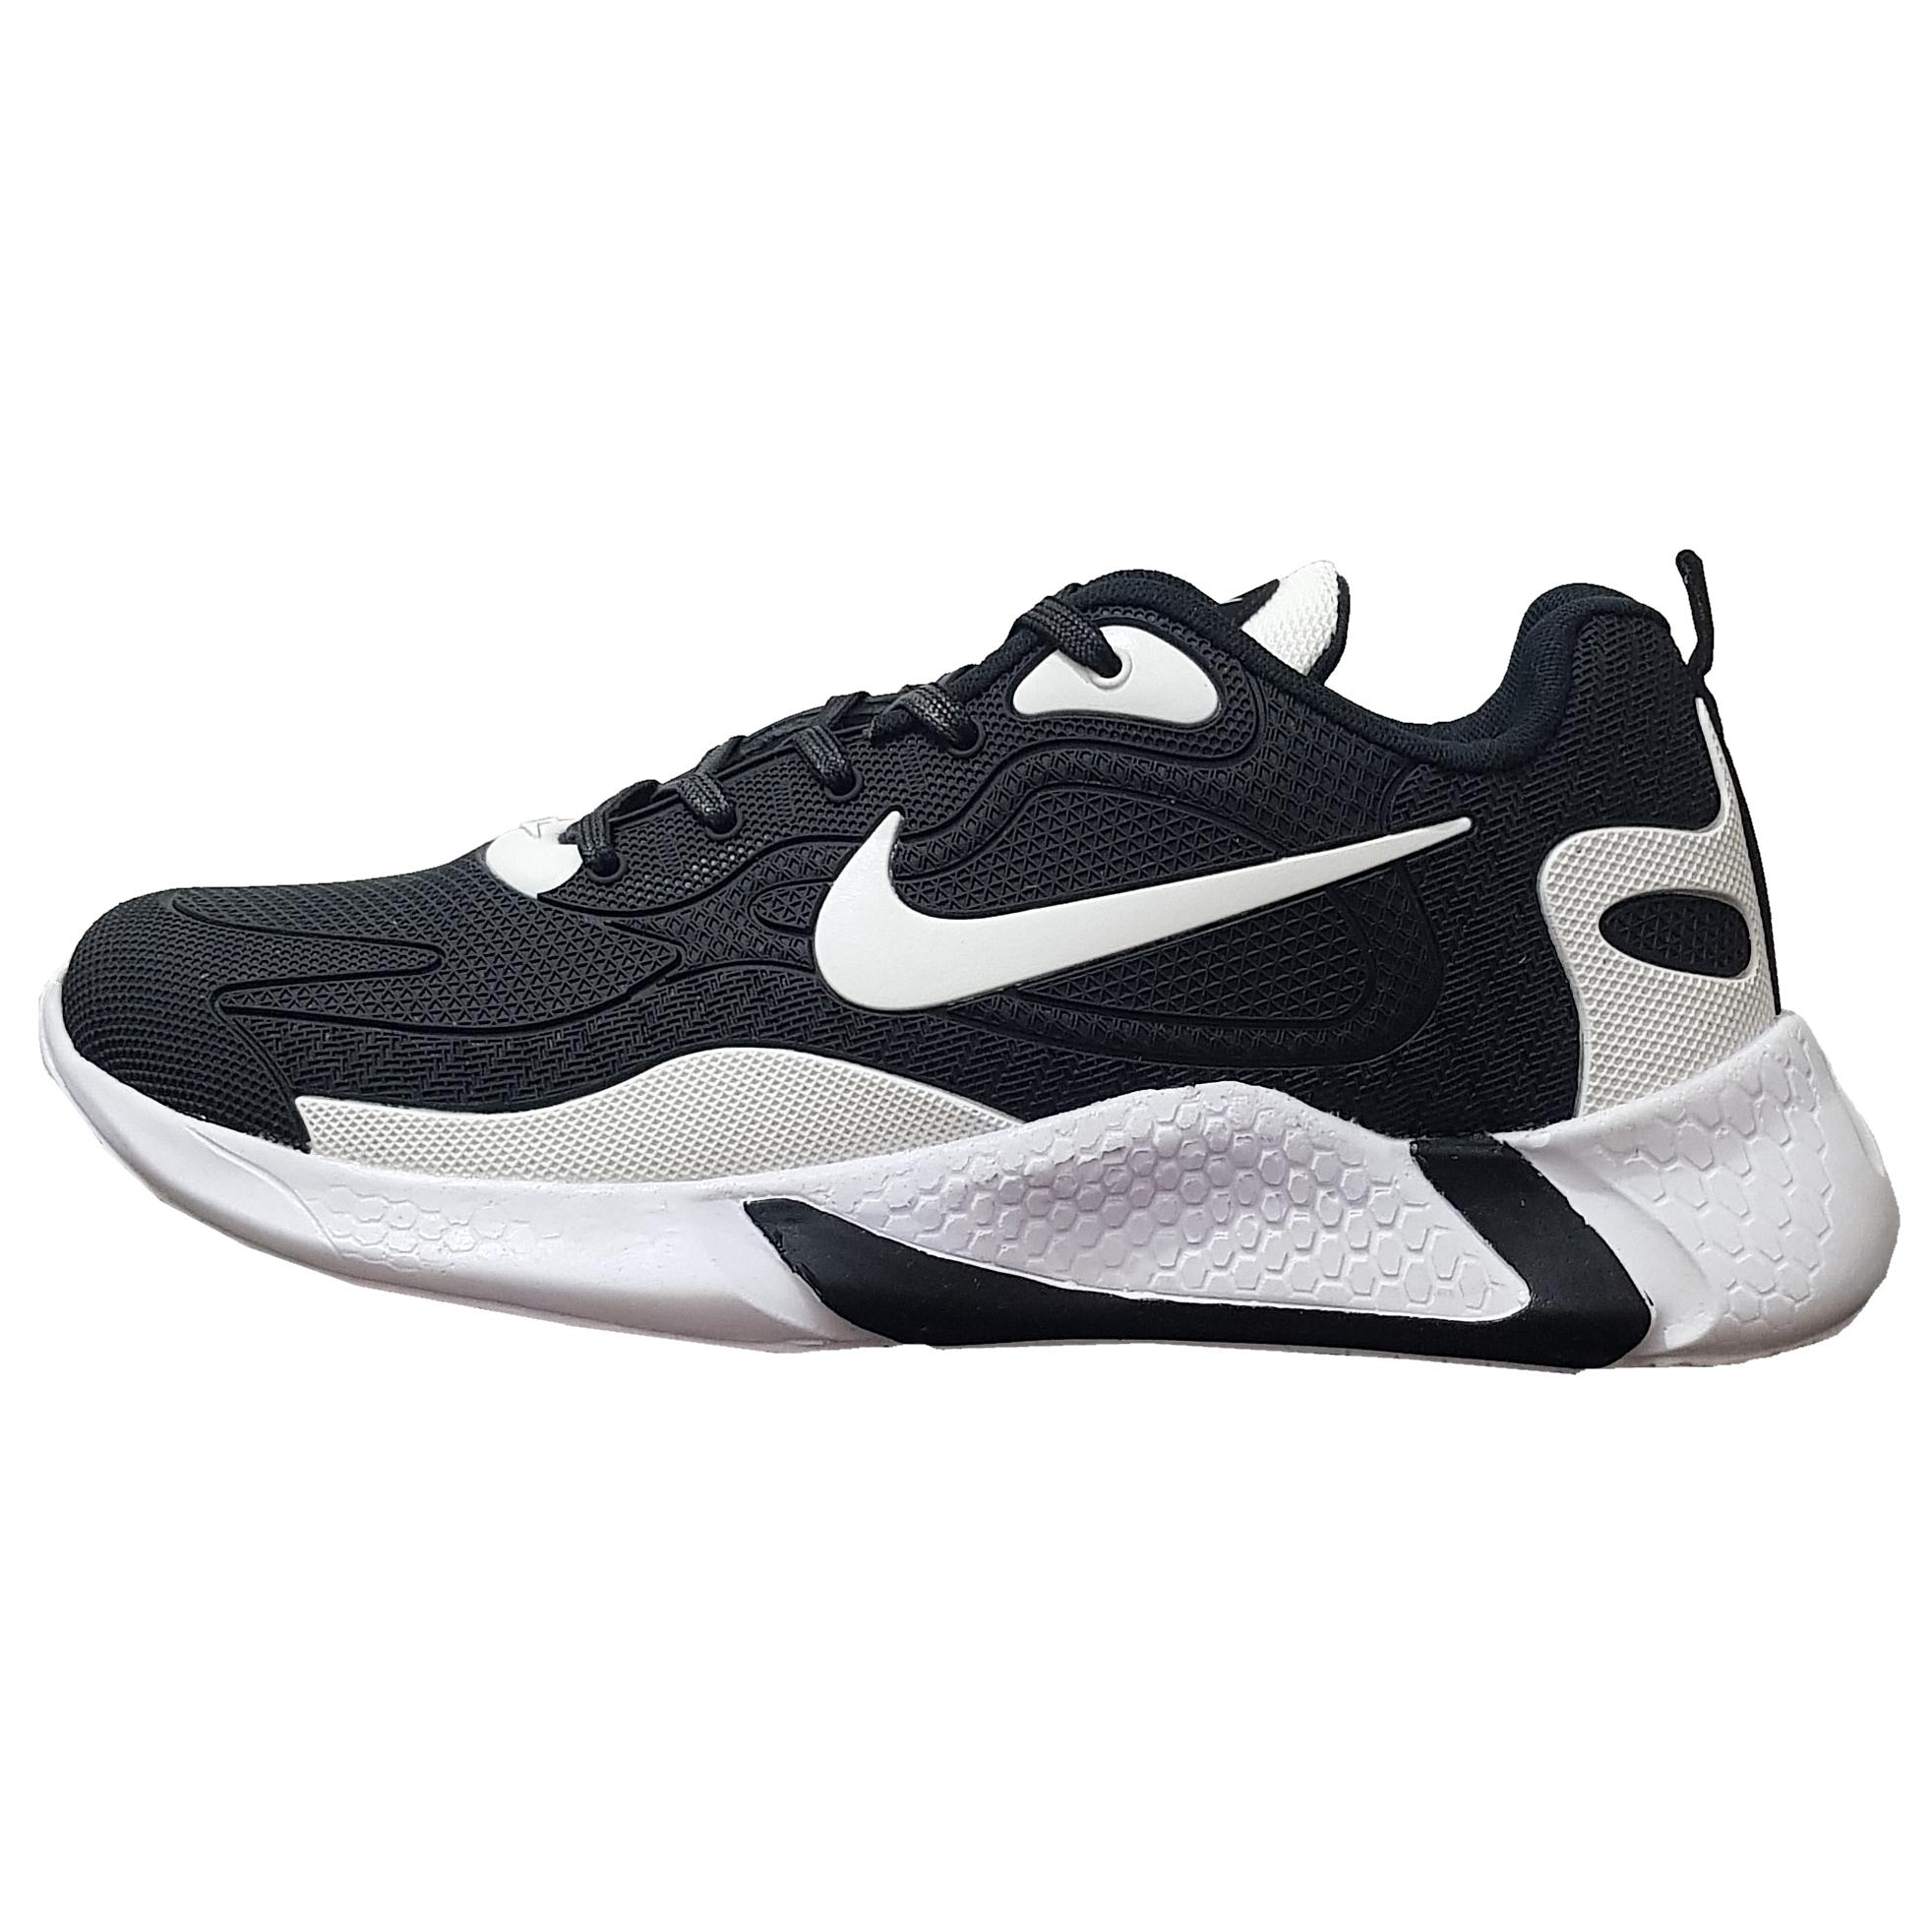 قیمت خرید کفش مخصوص پیاده روی مردانه مدل زامورا کد 6412 اورجینال